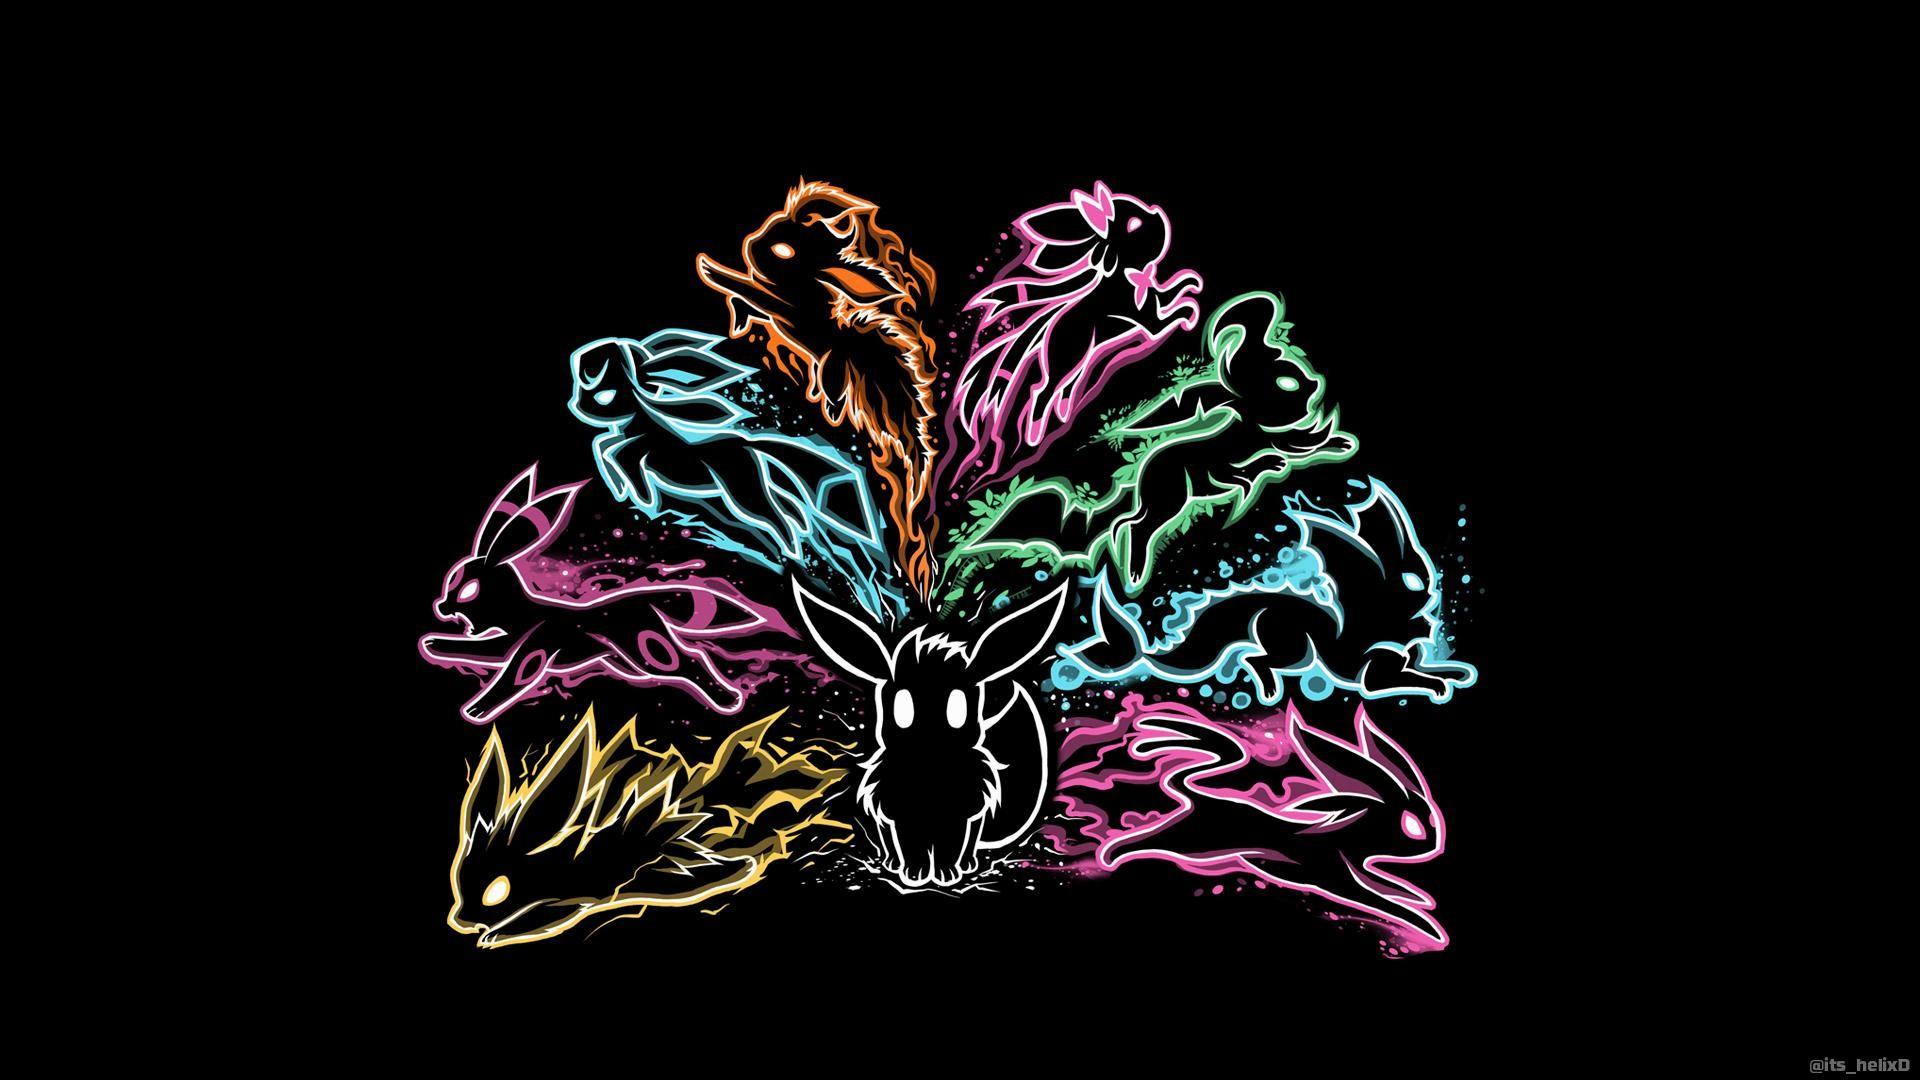 Neon-Eevee-wallpaper-wp40010043